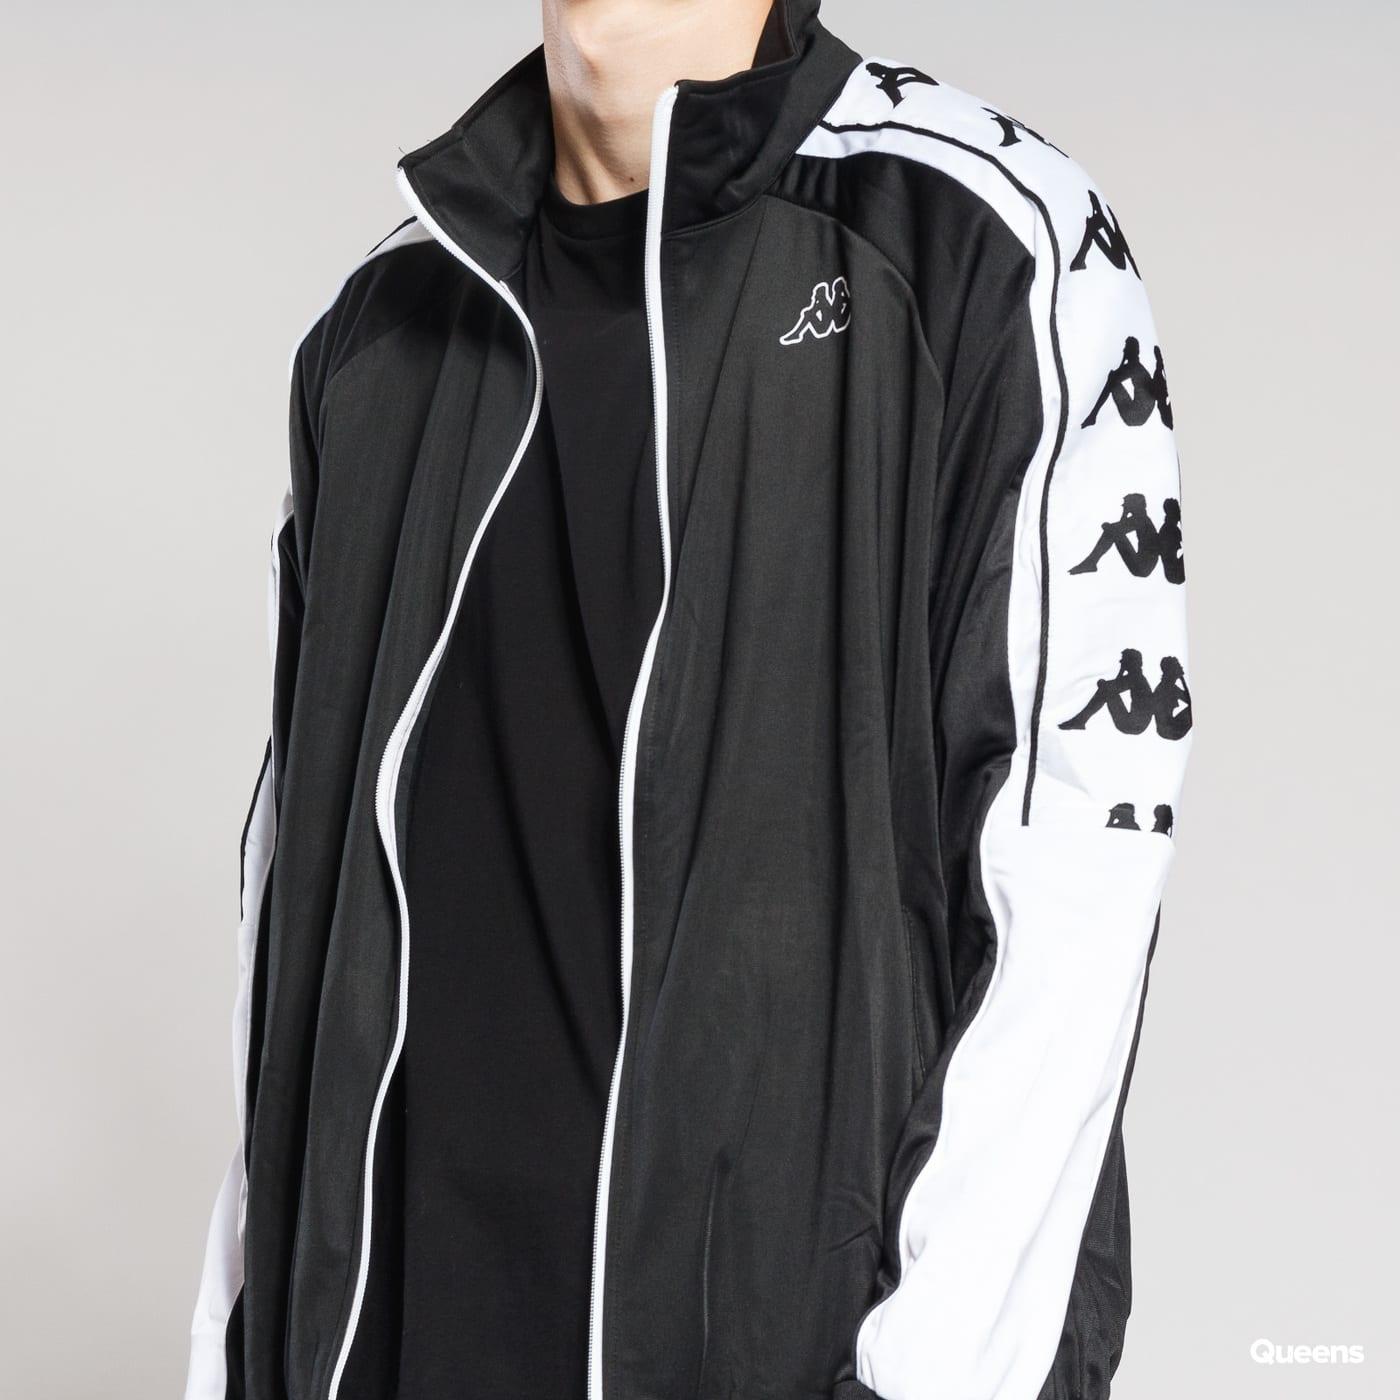 Kappa Banda 10 Ahran black / white